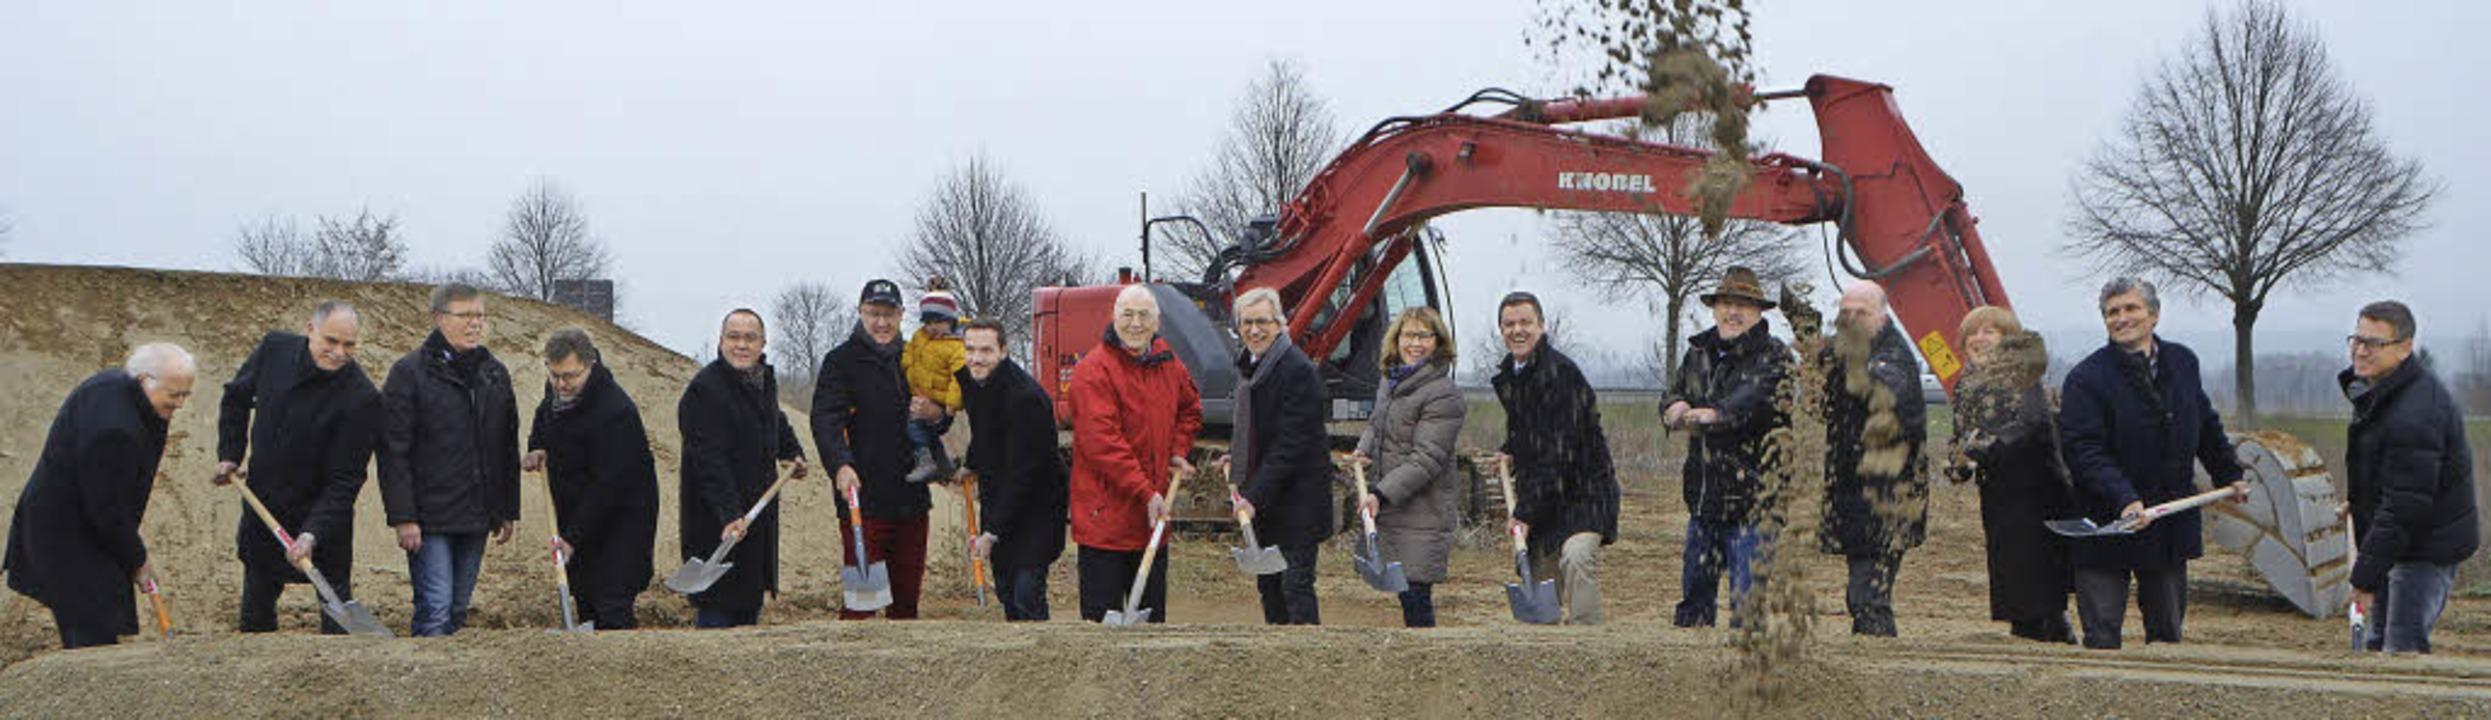 Der Bürgermeister, Mitglieder des Geme... das Baugebiet Kurgarten II entstehen.  | Foto: Nikola Vogt